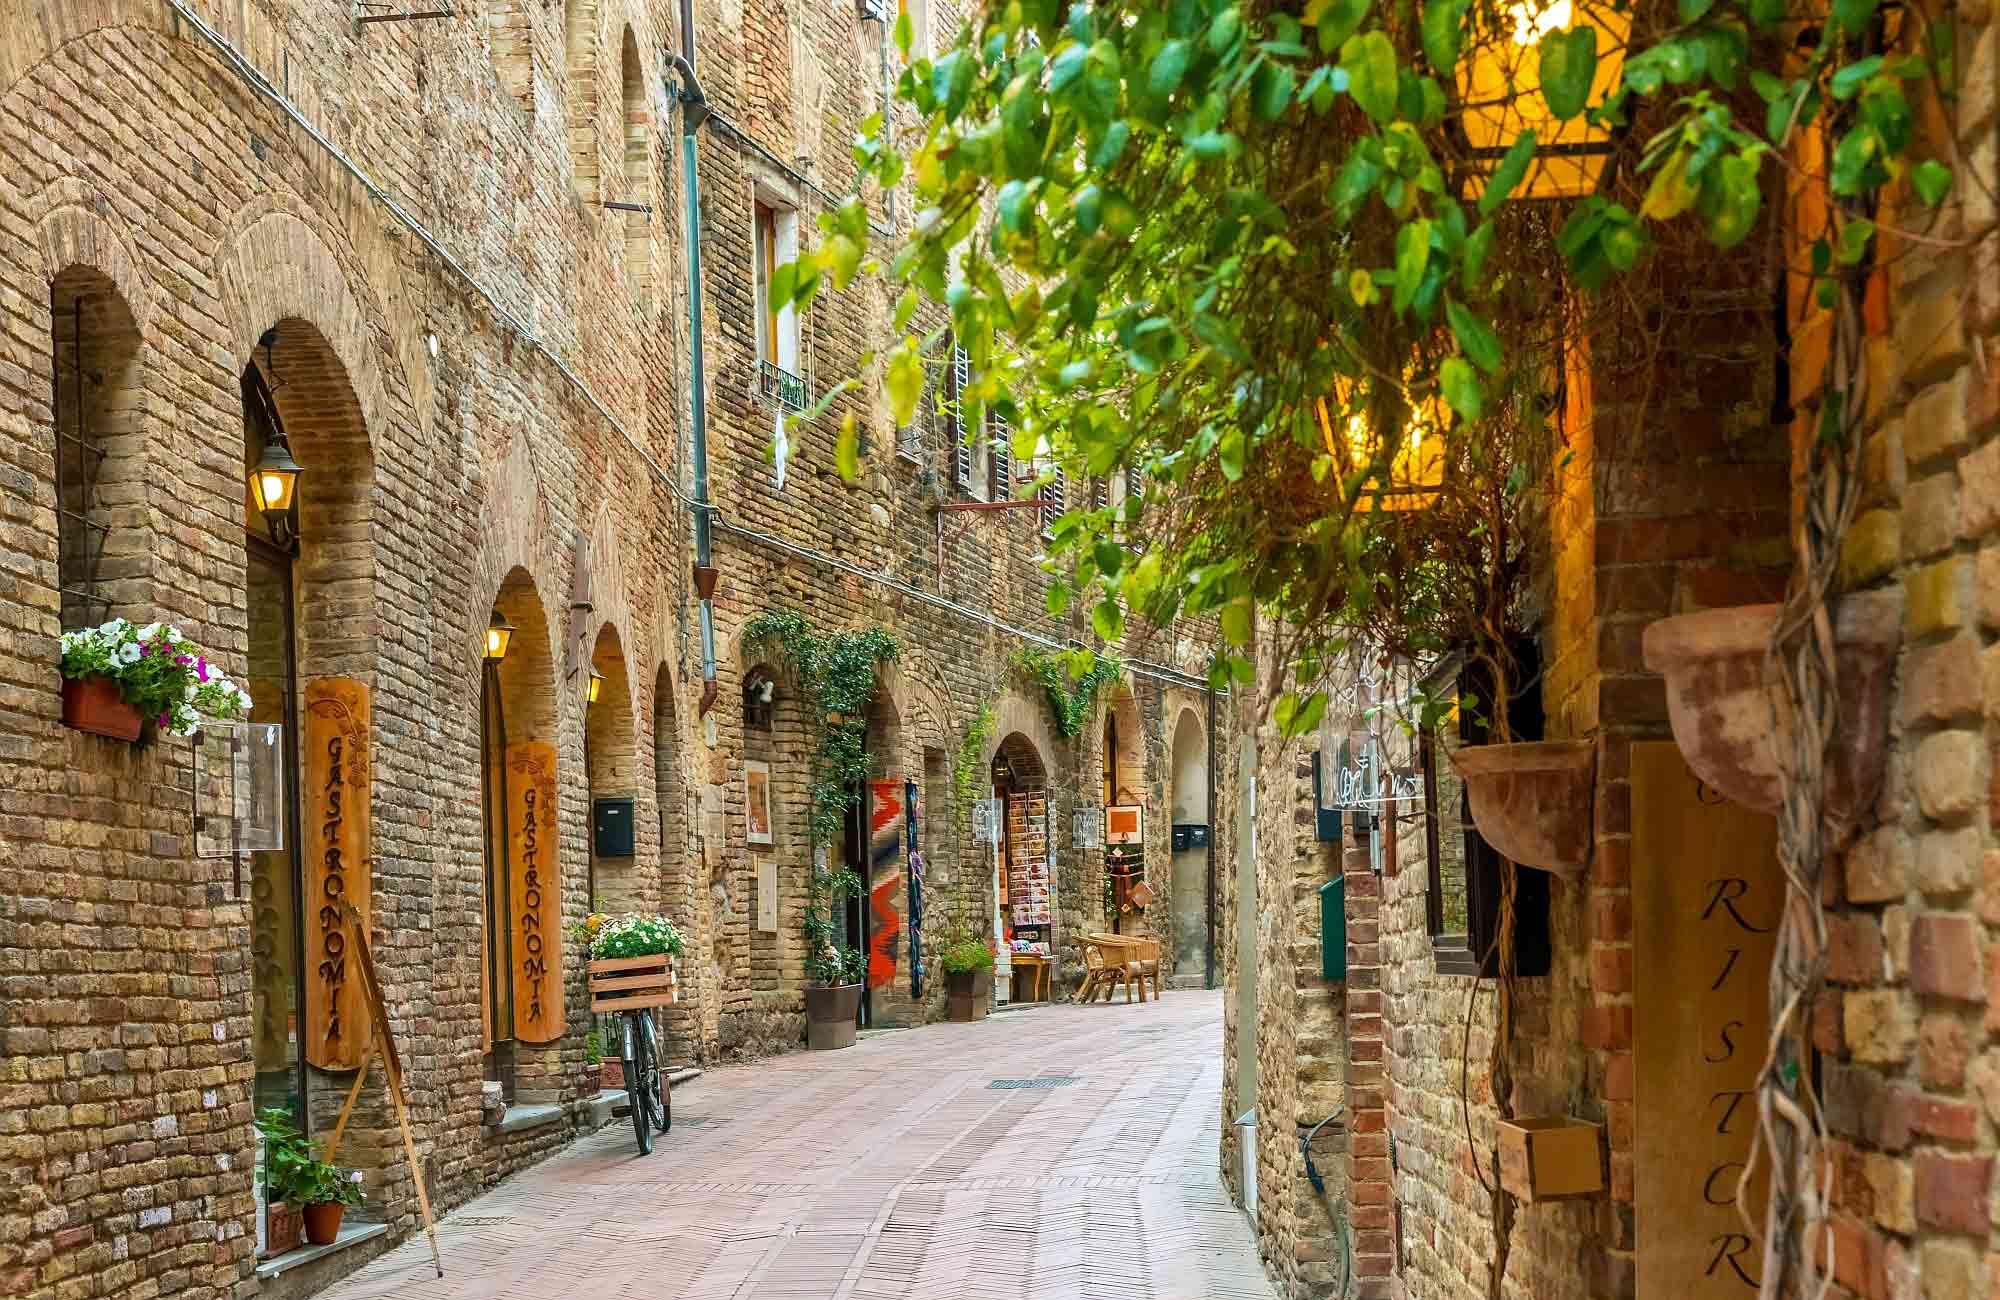 Voyage Italie - Pienza Toscane - Amplitudes